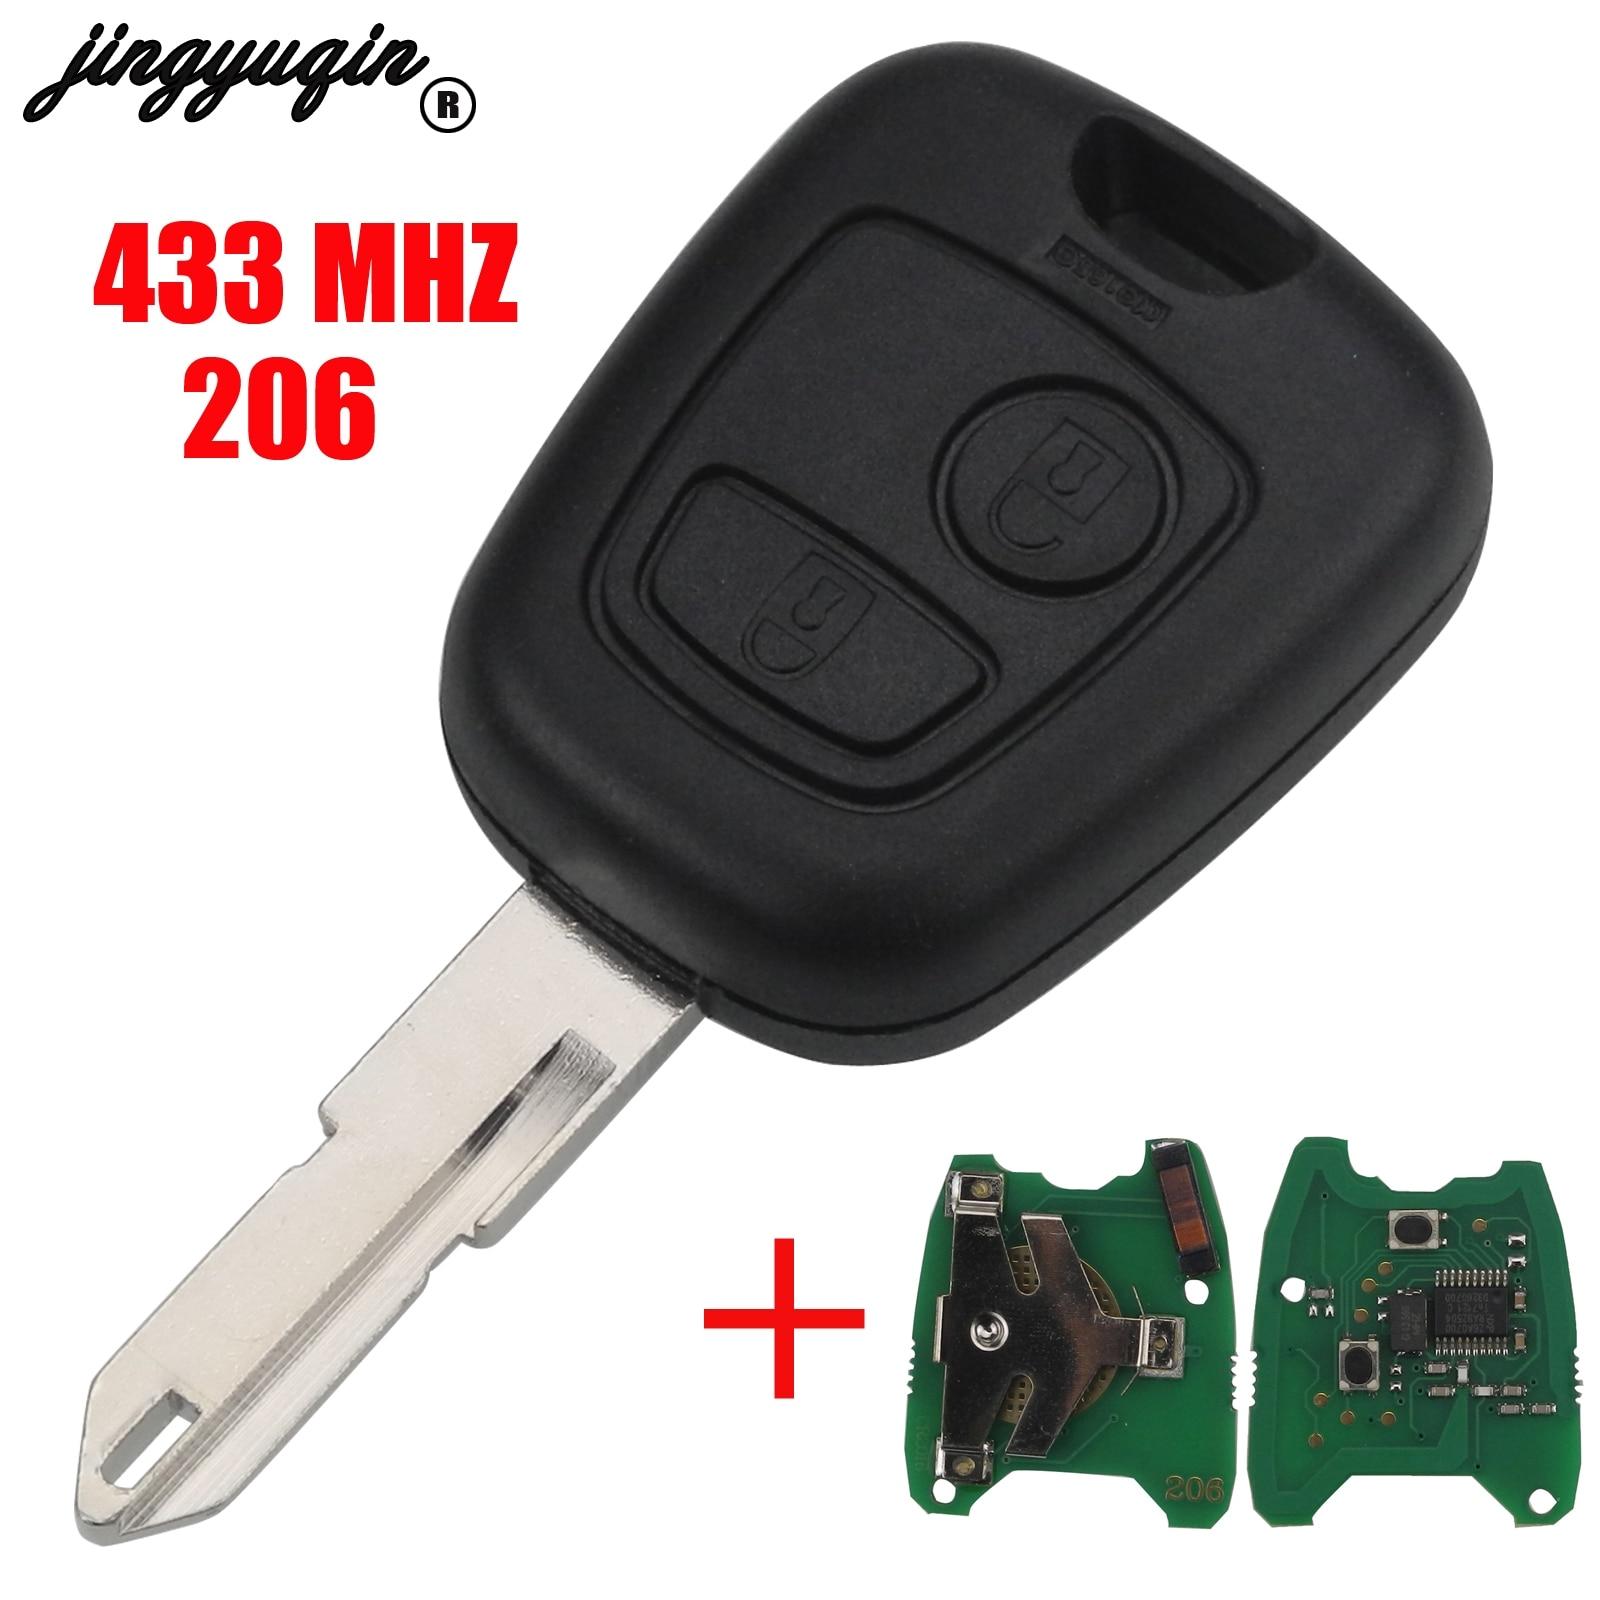 Jingyuqin 2 Botões PEDIR NE73 Lâmina Chave Remota Fob Shell Controlador Apto Para PEUGEOT 206 433MHZ Com PCF7961 Transponder chip